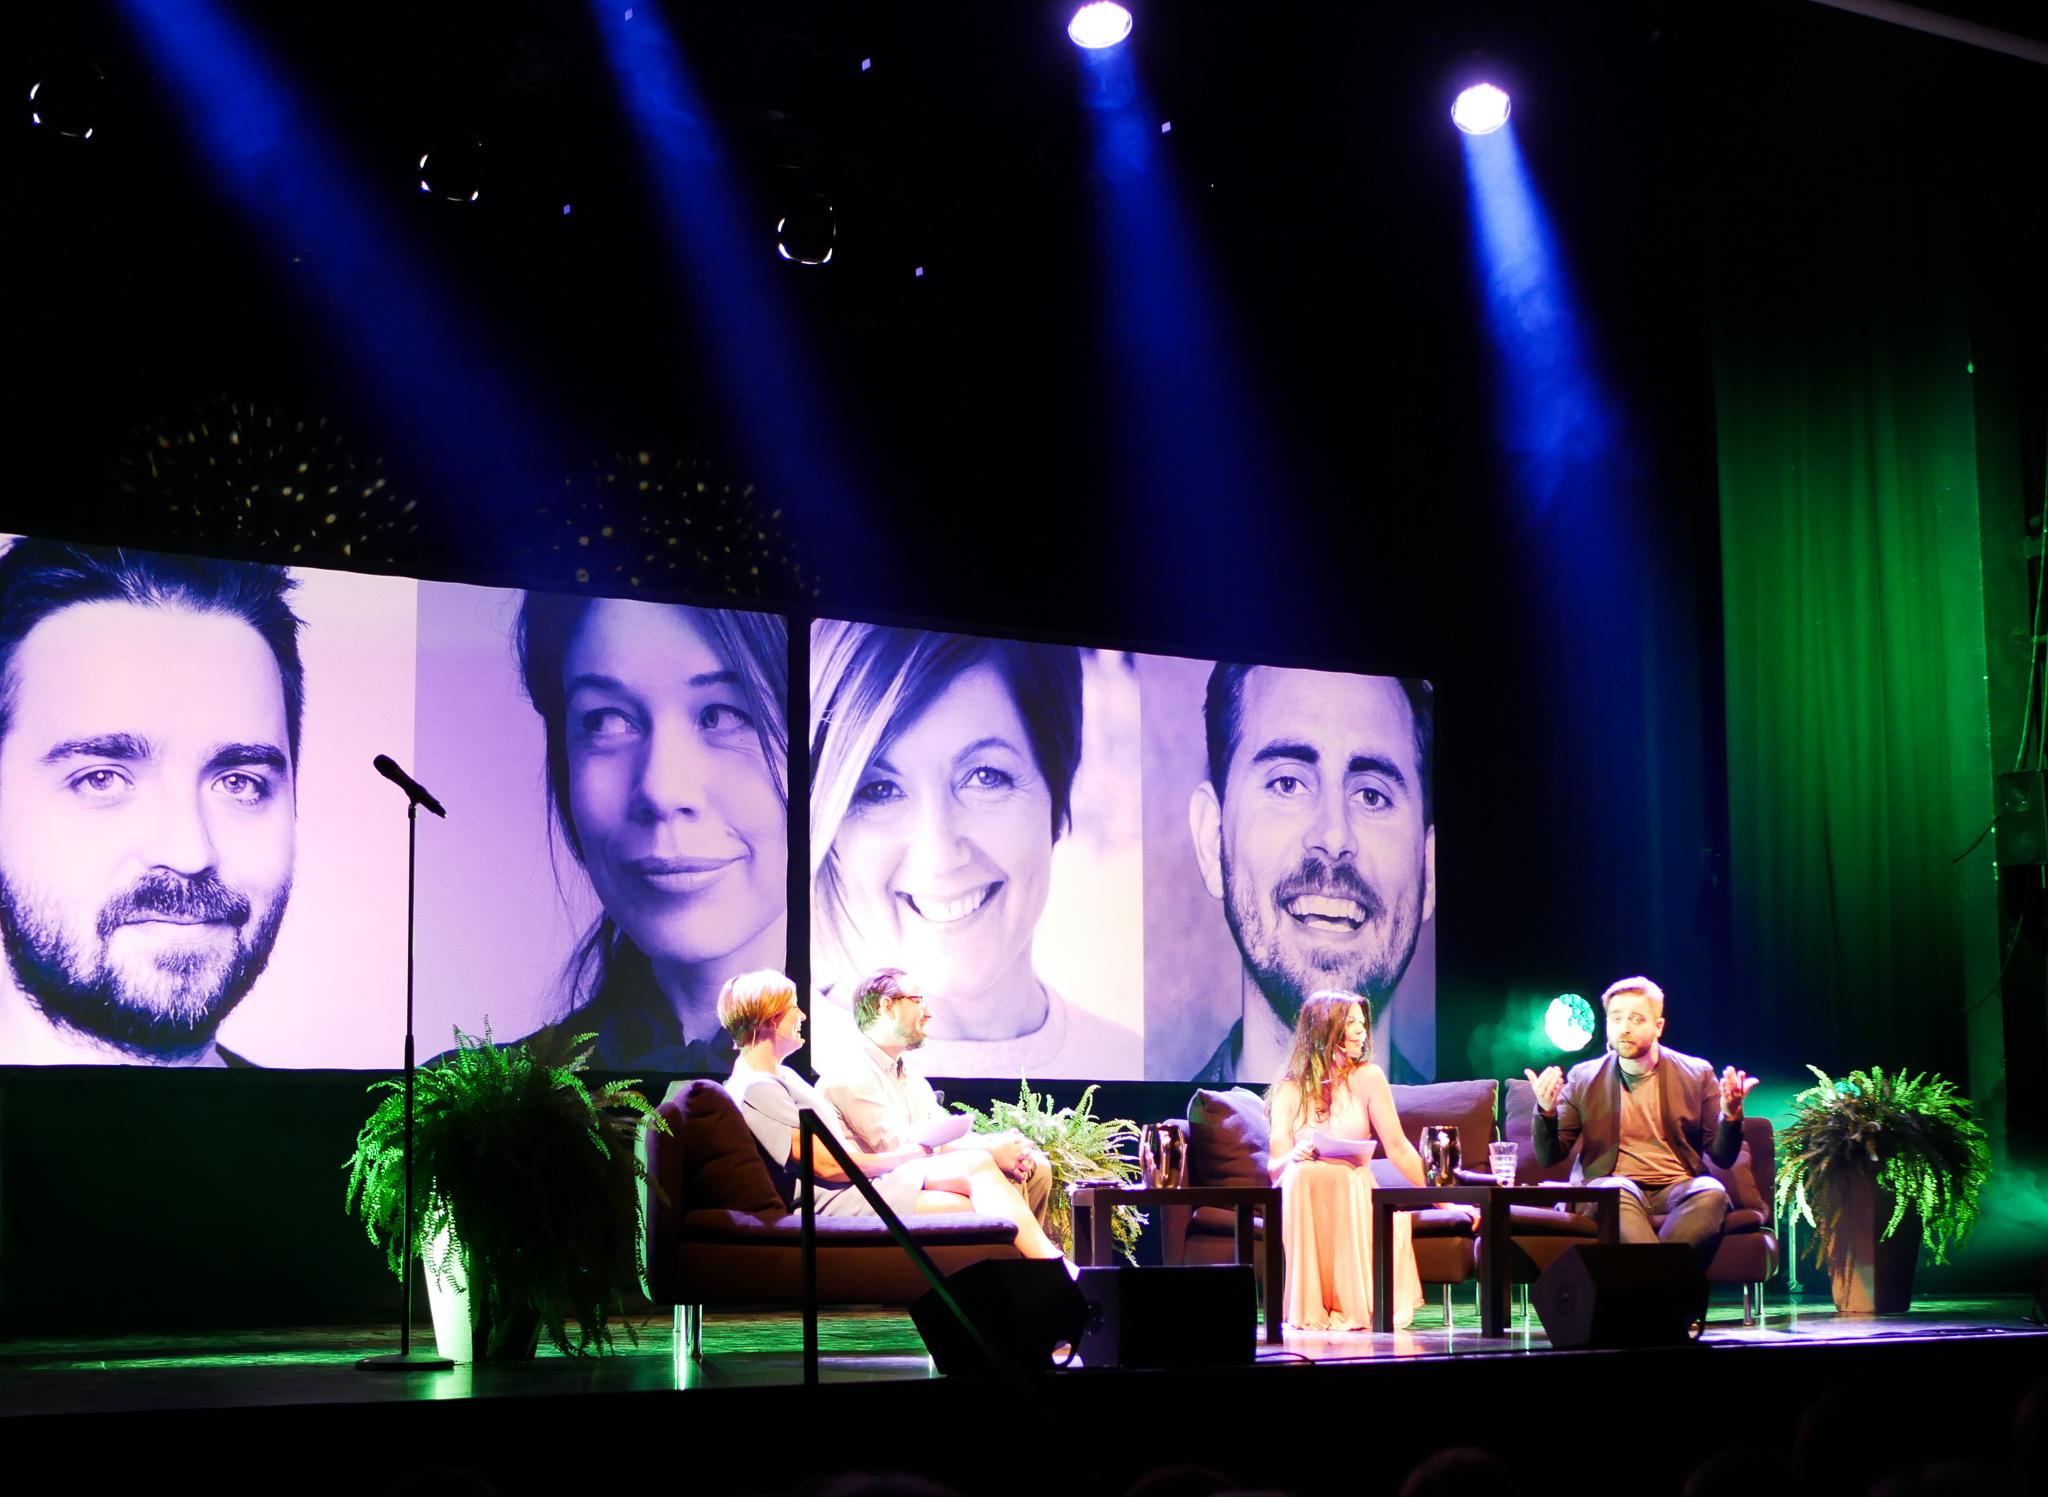 Maria, Philip,Lotta och Ted underhöll publiken.